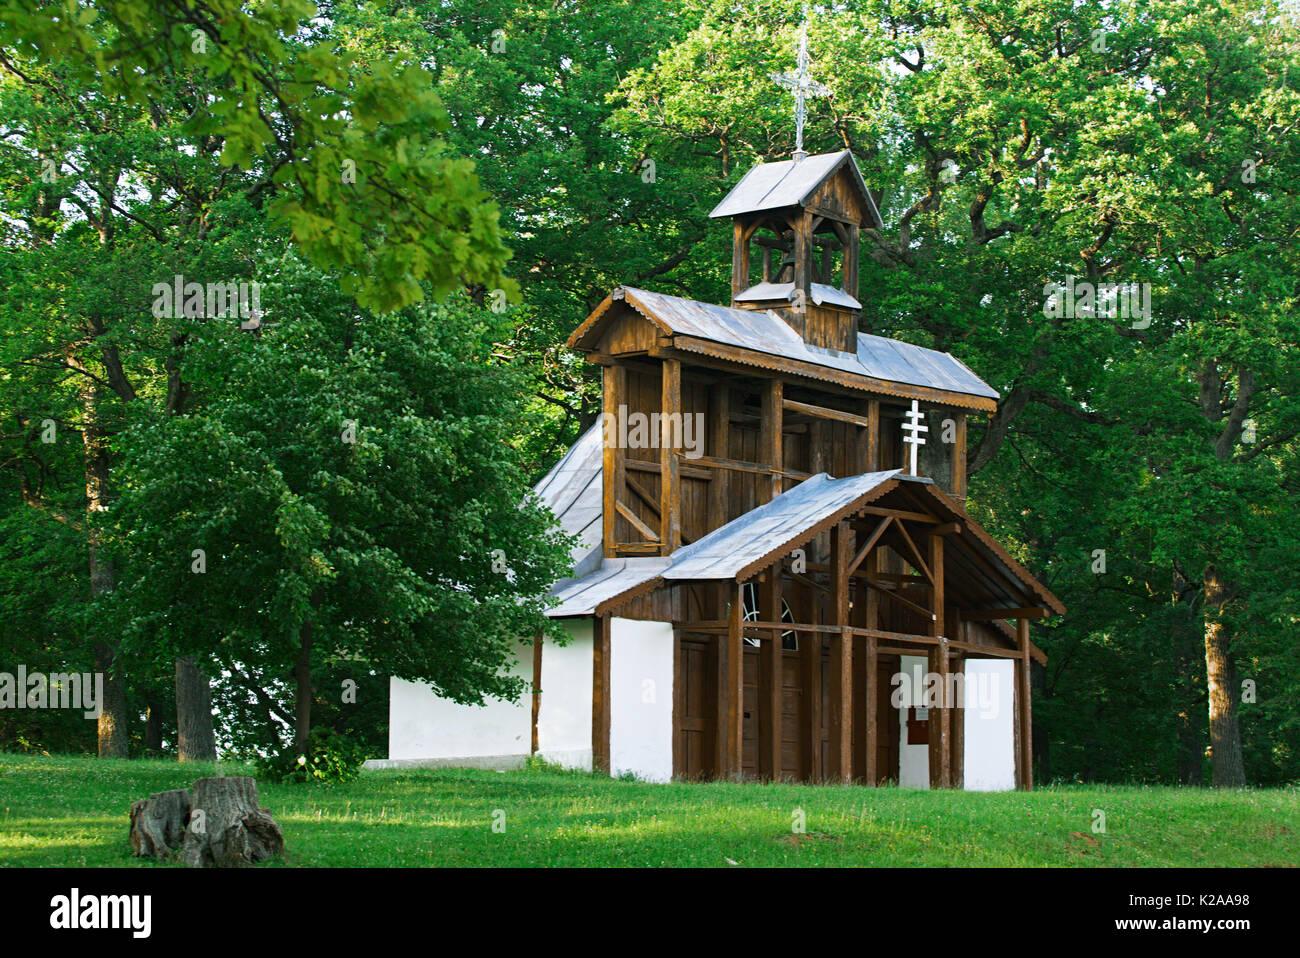 accrocher la colline de la chapelle devrais-je lui texte d'abord après un branchement